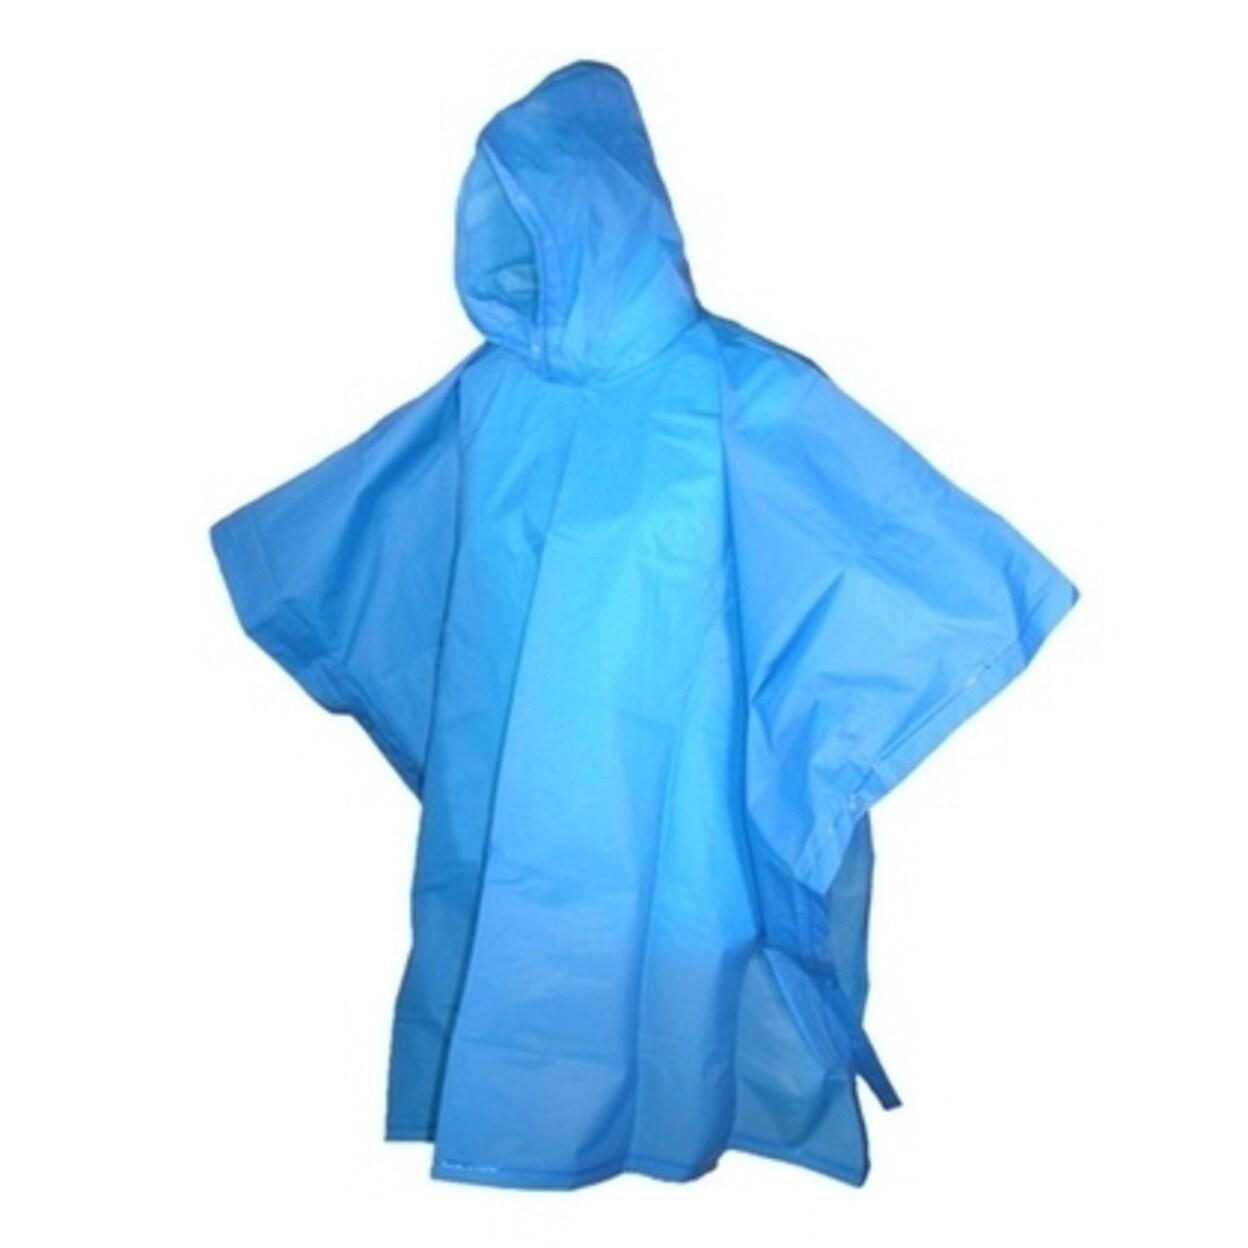 Child's Rain Poncho Girls Boys Hooded Children Raincoat Waterproof